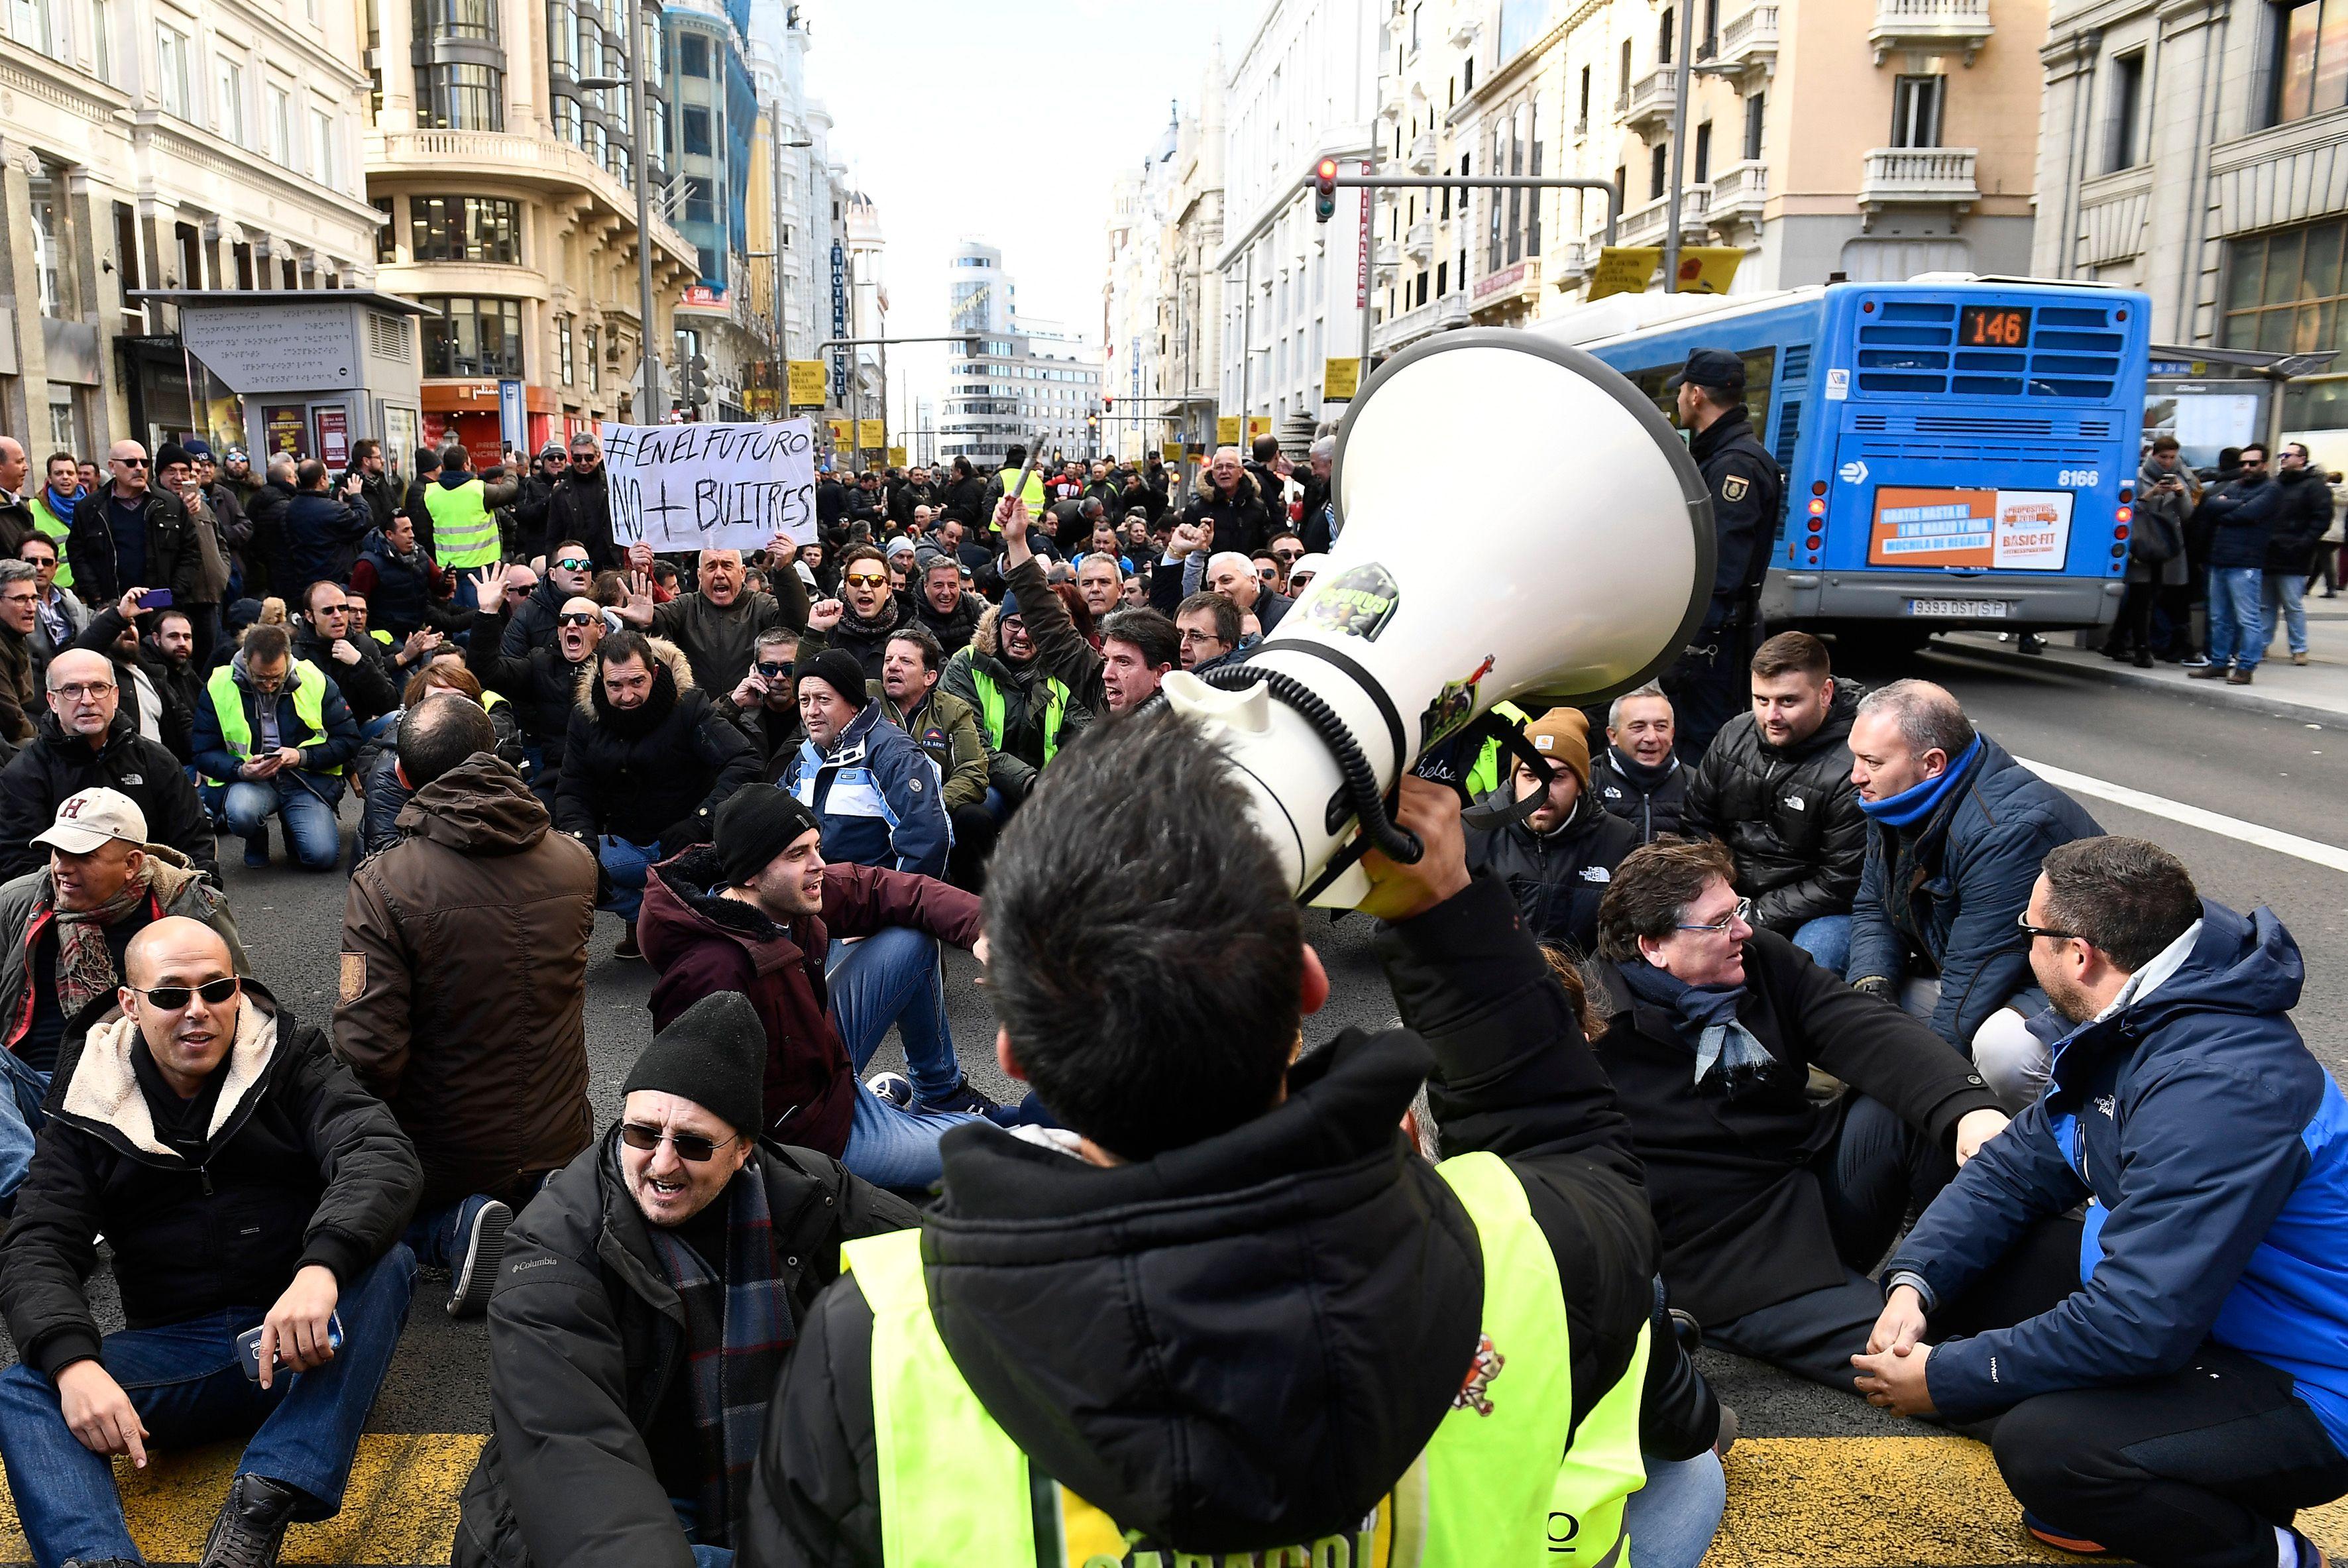 Los taxistas se sientan en la calle Gran Vía de Madrid durante una manifestación el 21 de enero de 2019 para protestar contra los reglamentos propuestos por las autoridades para los VTC (vehículos de turismo con chofer). (Foto Prensa Libre: AFP)